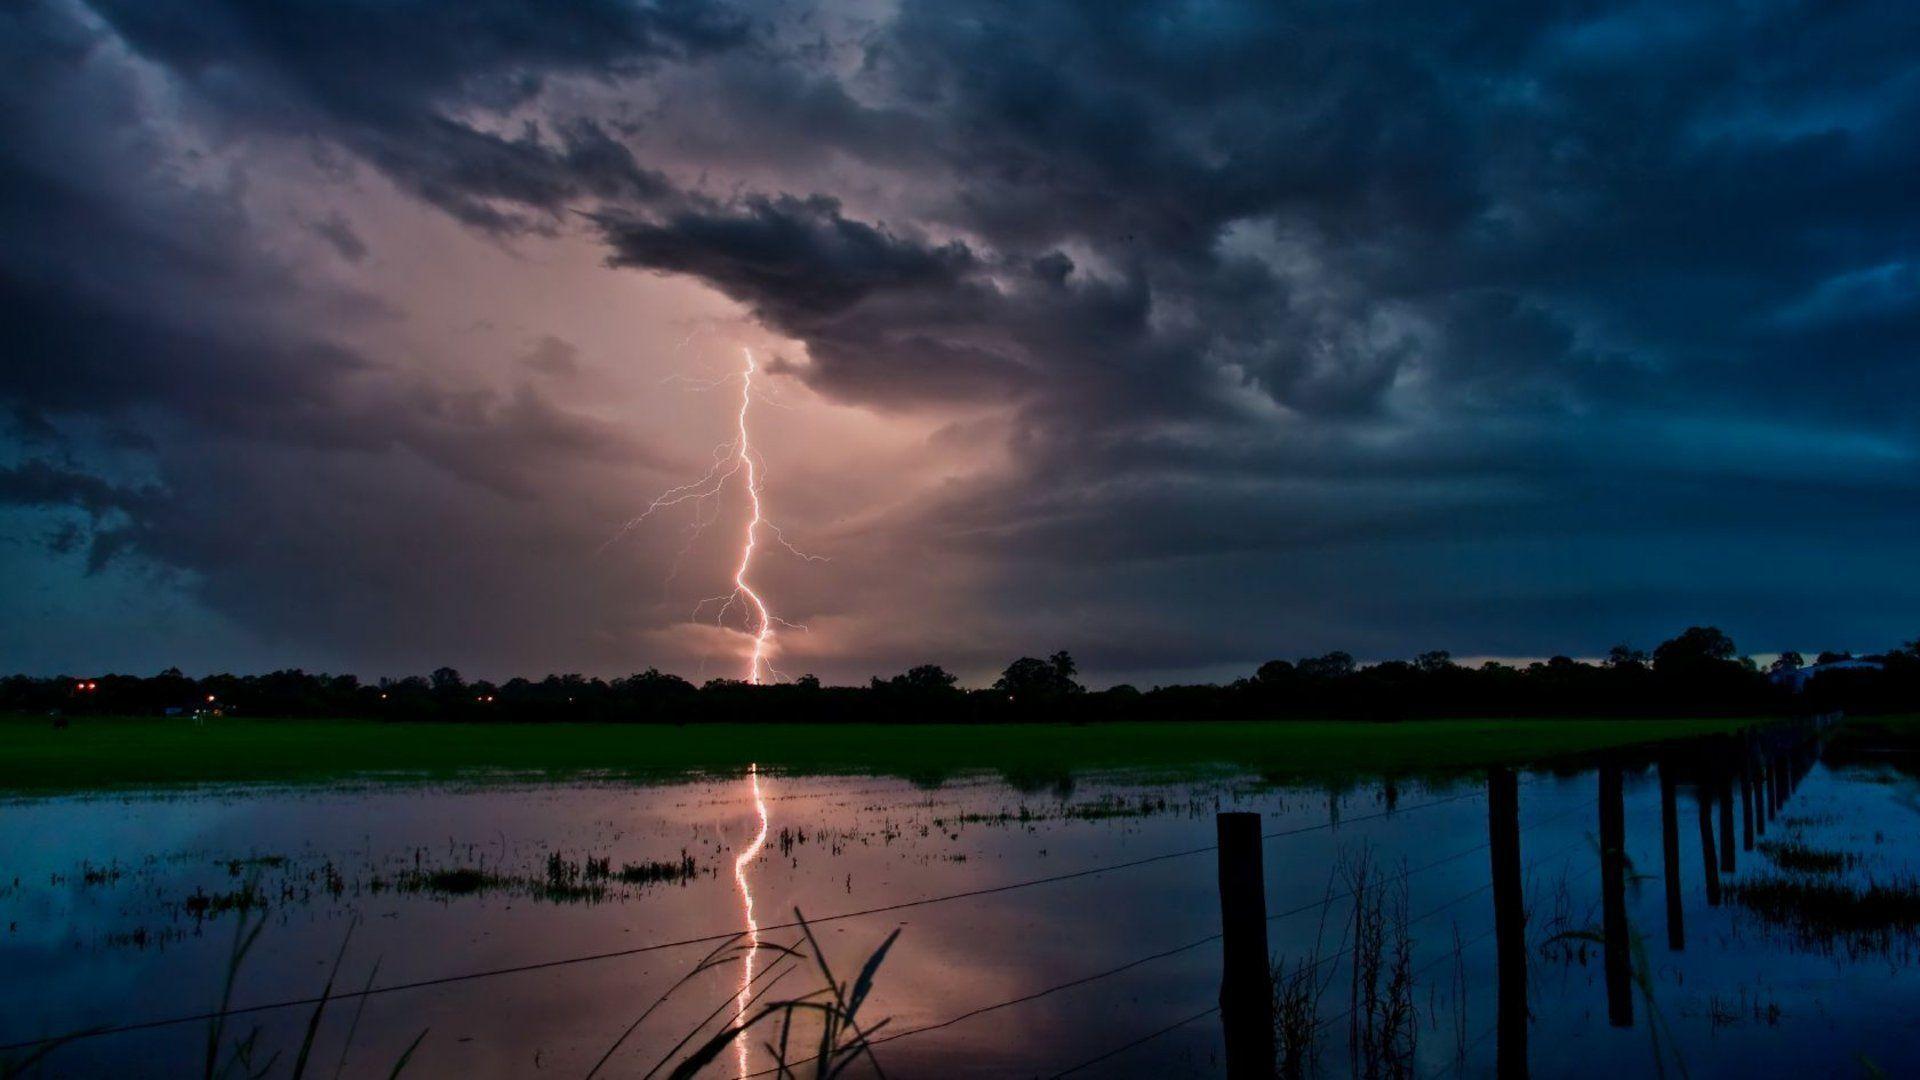 lightning strike wallpaper - photo #25